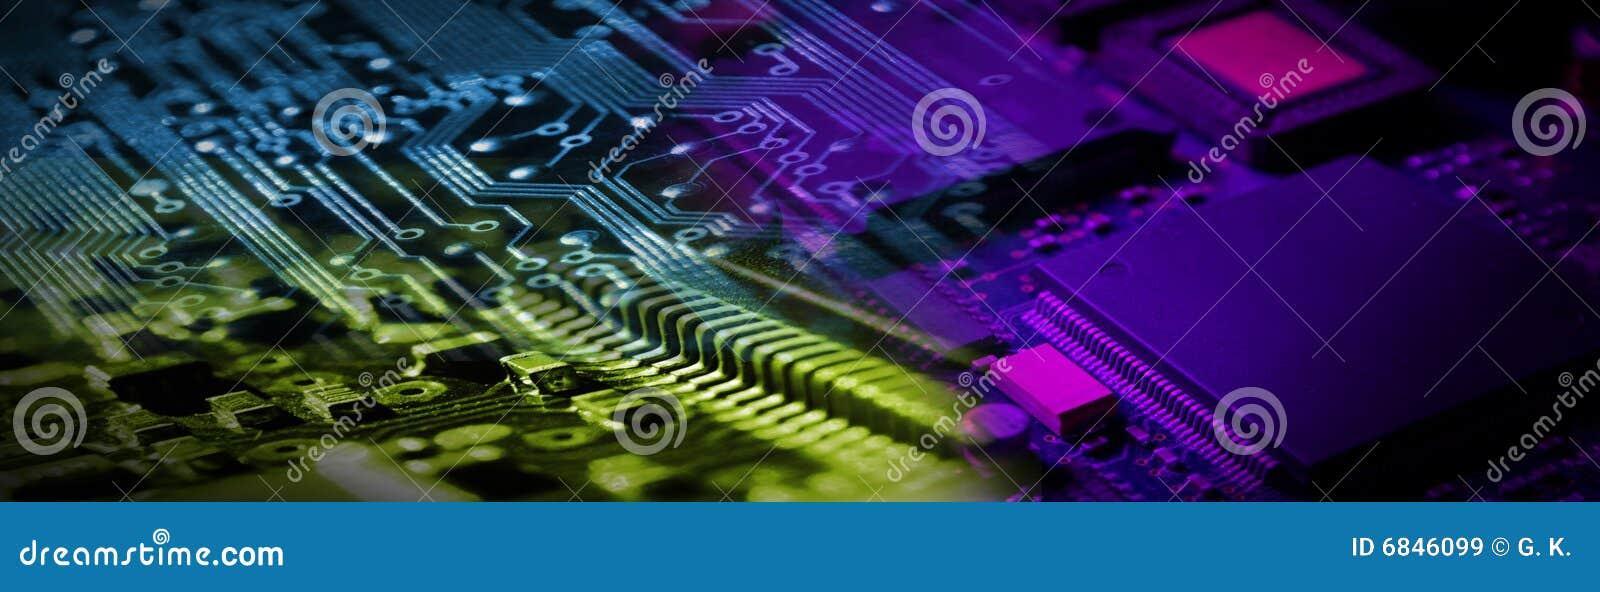 Bandeira da eletrônica